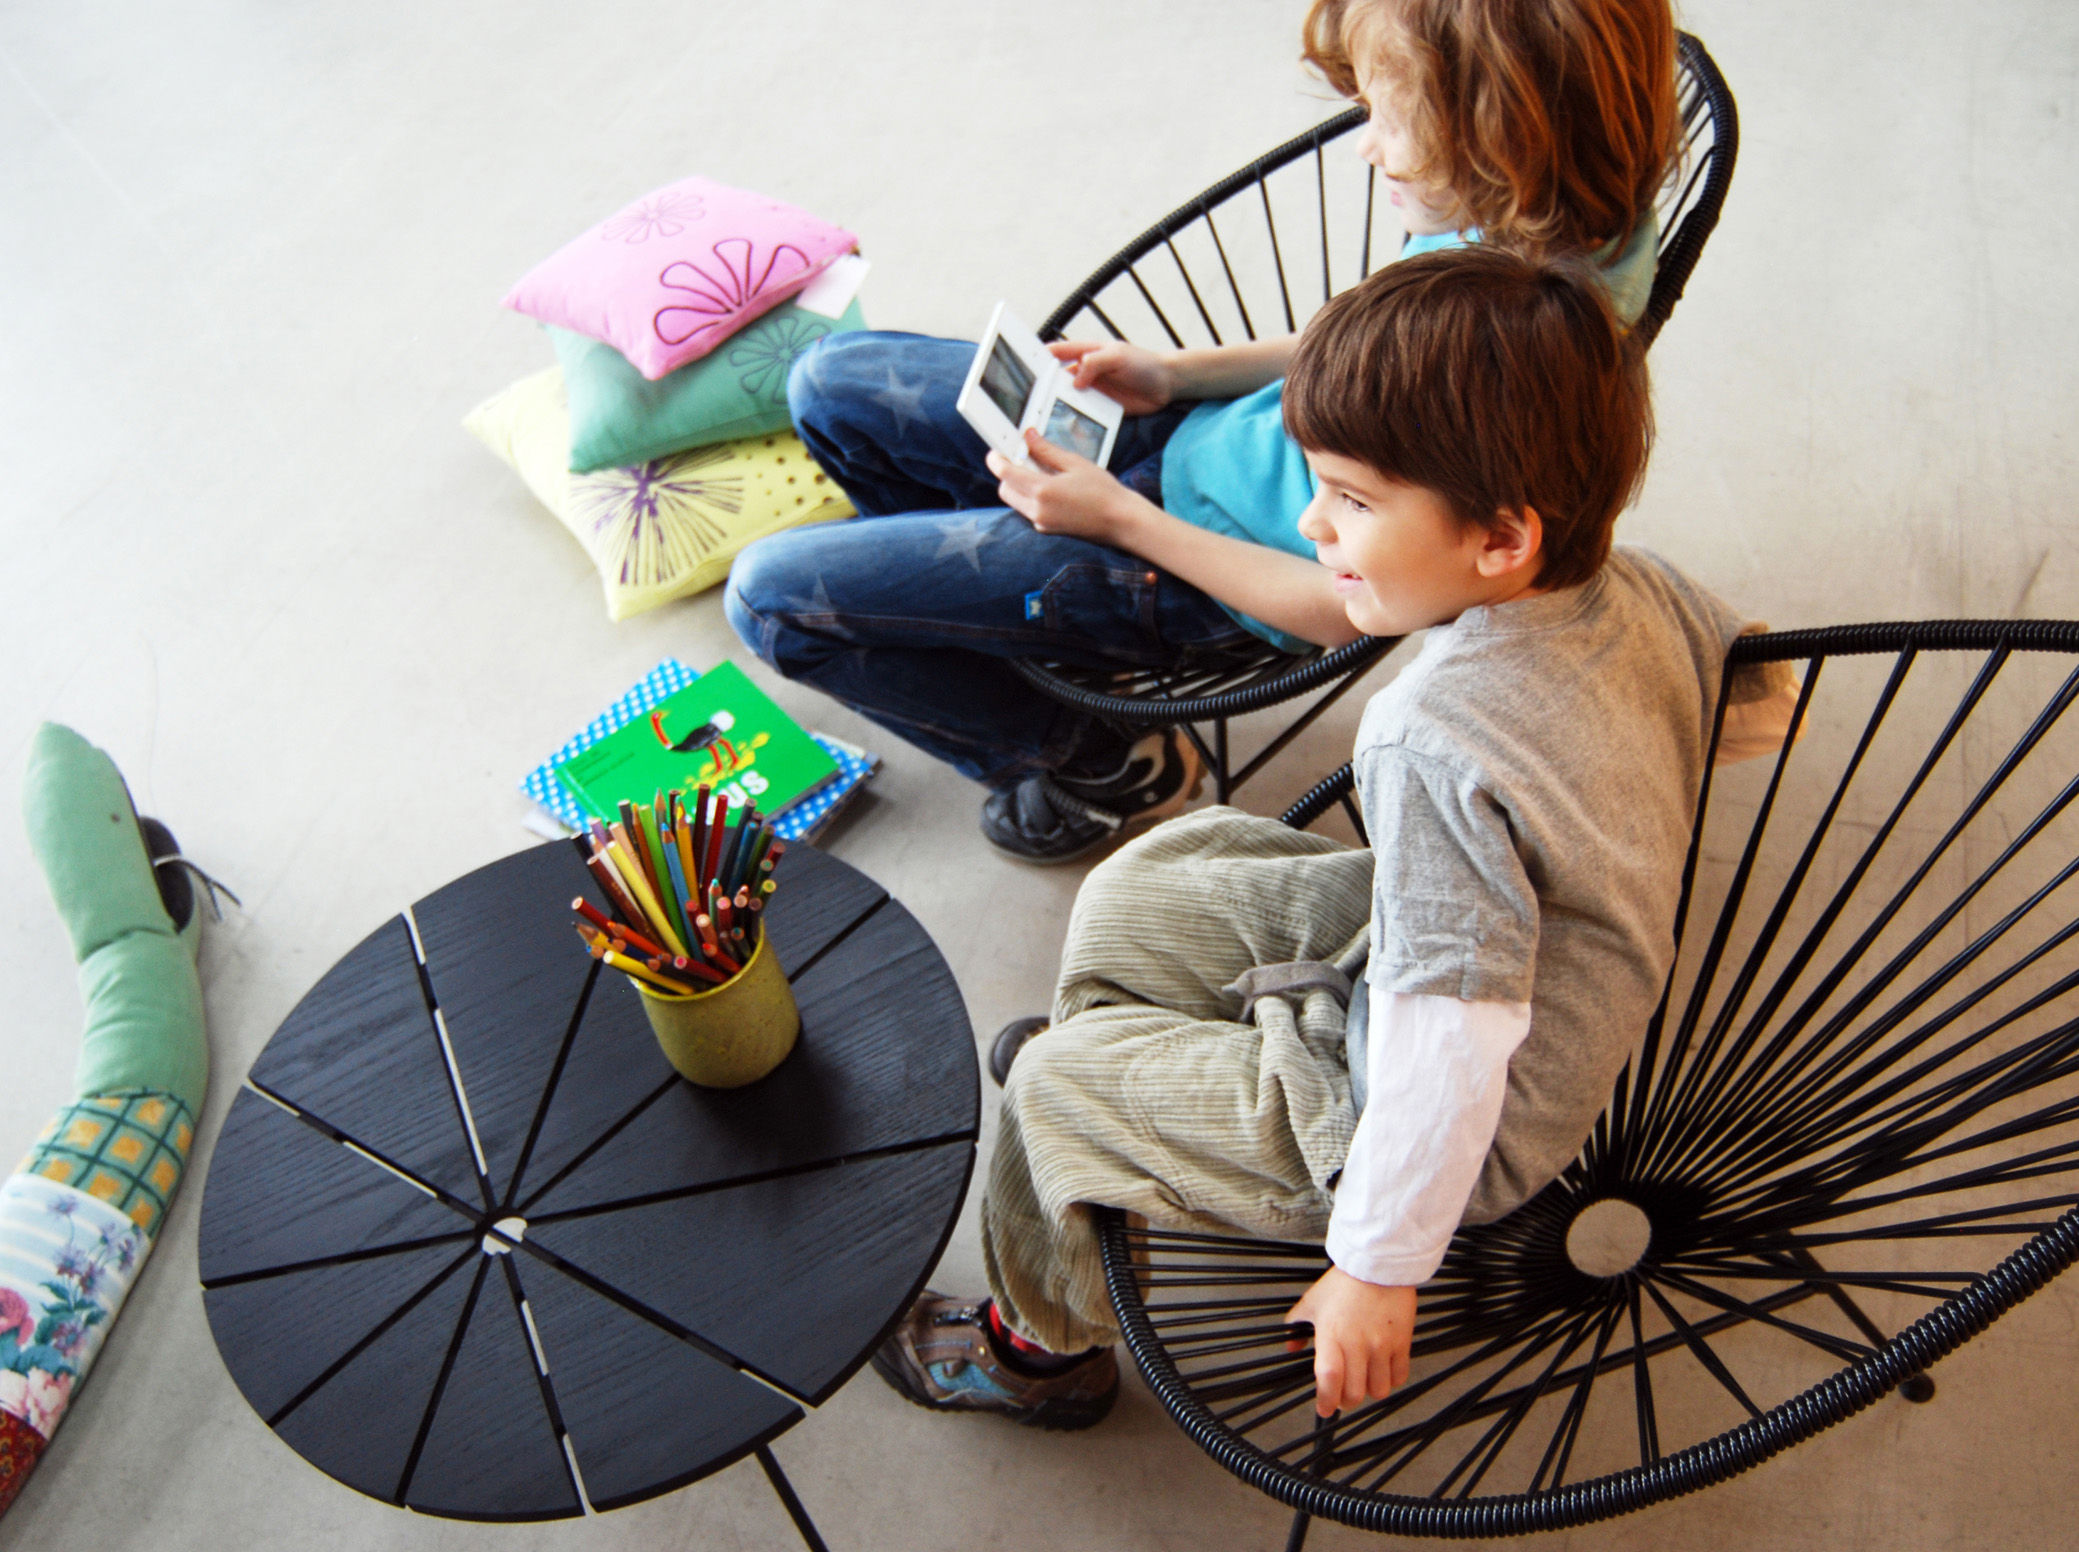 Fauteuil enfant mini acapulco turquoise ok design pour sentou edition - Mini fauteuil enfant ...